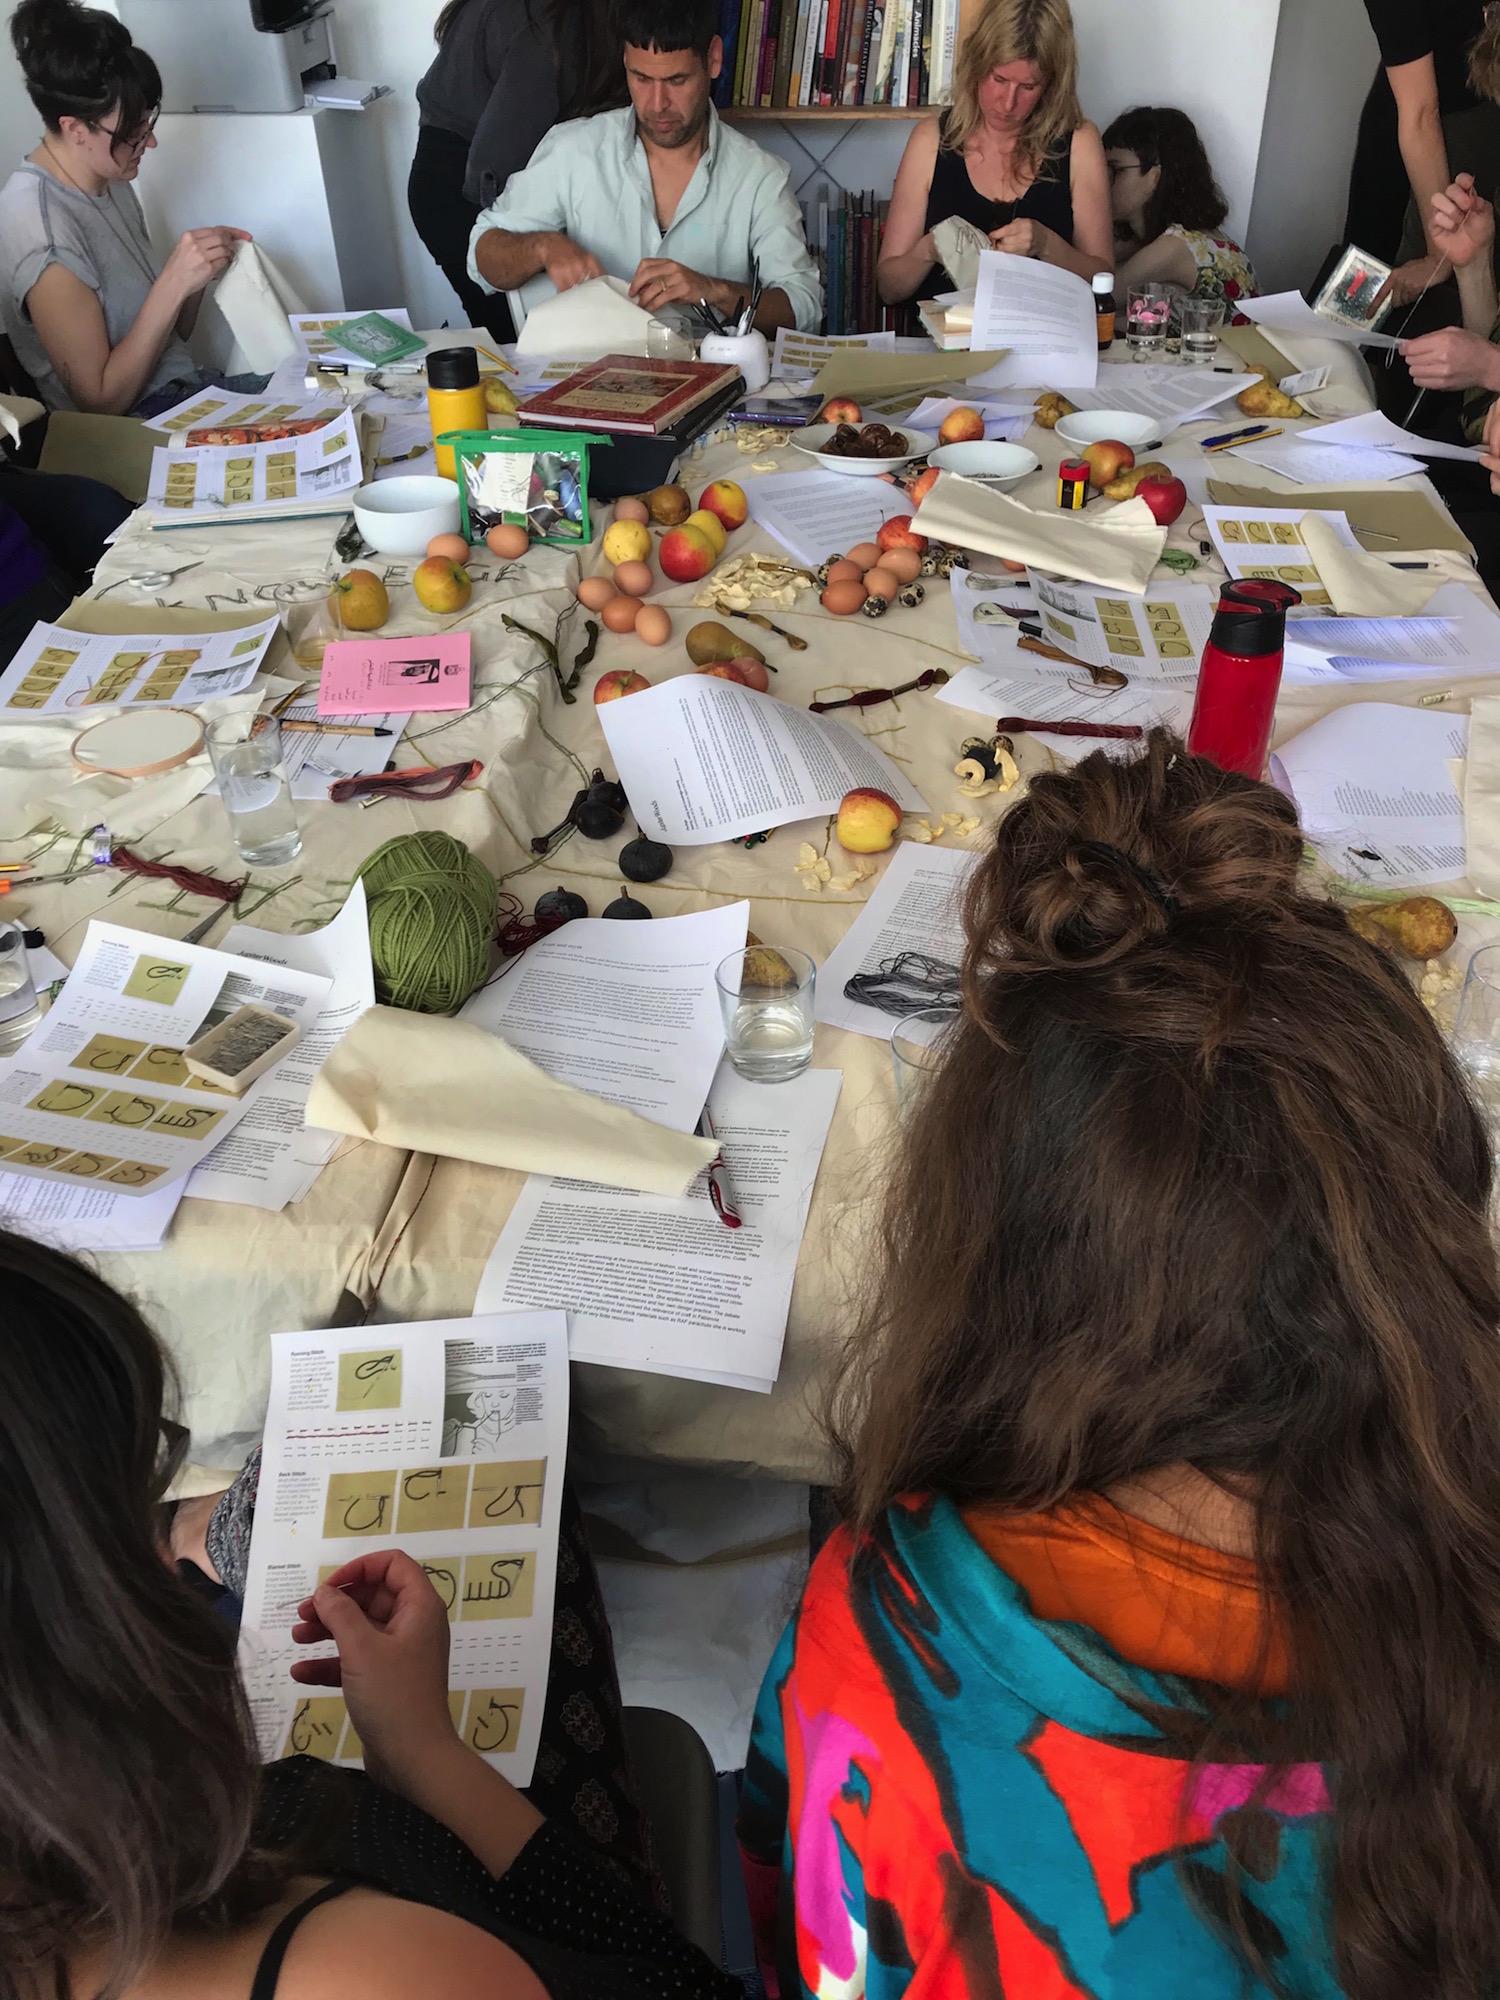 Workshop at Jupiter Woods Gallery